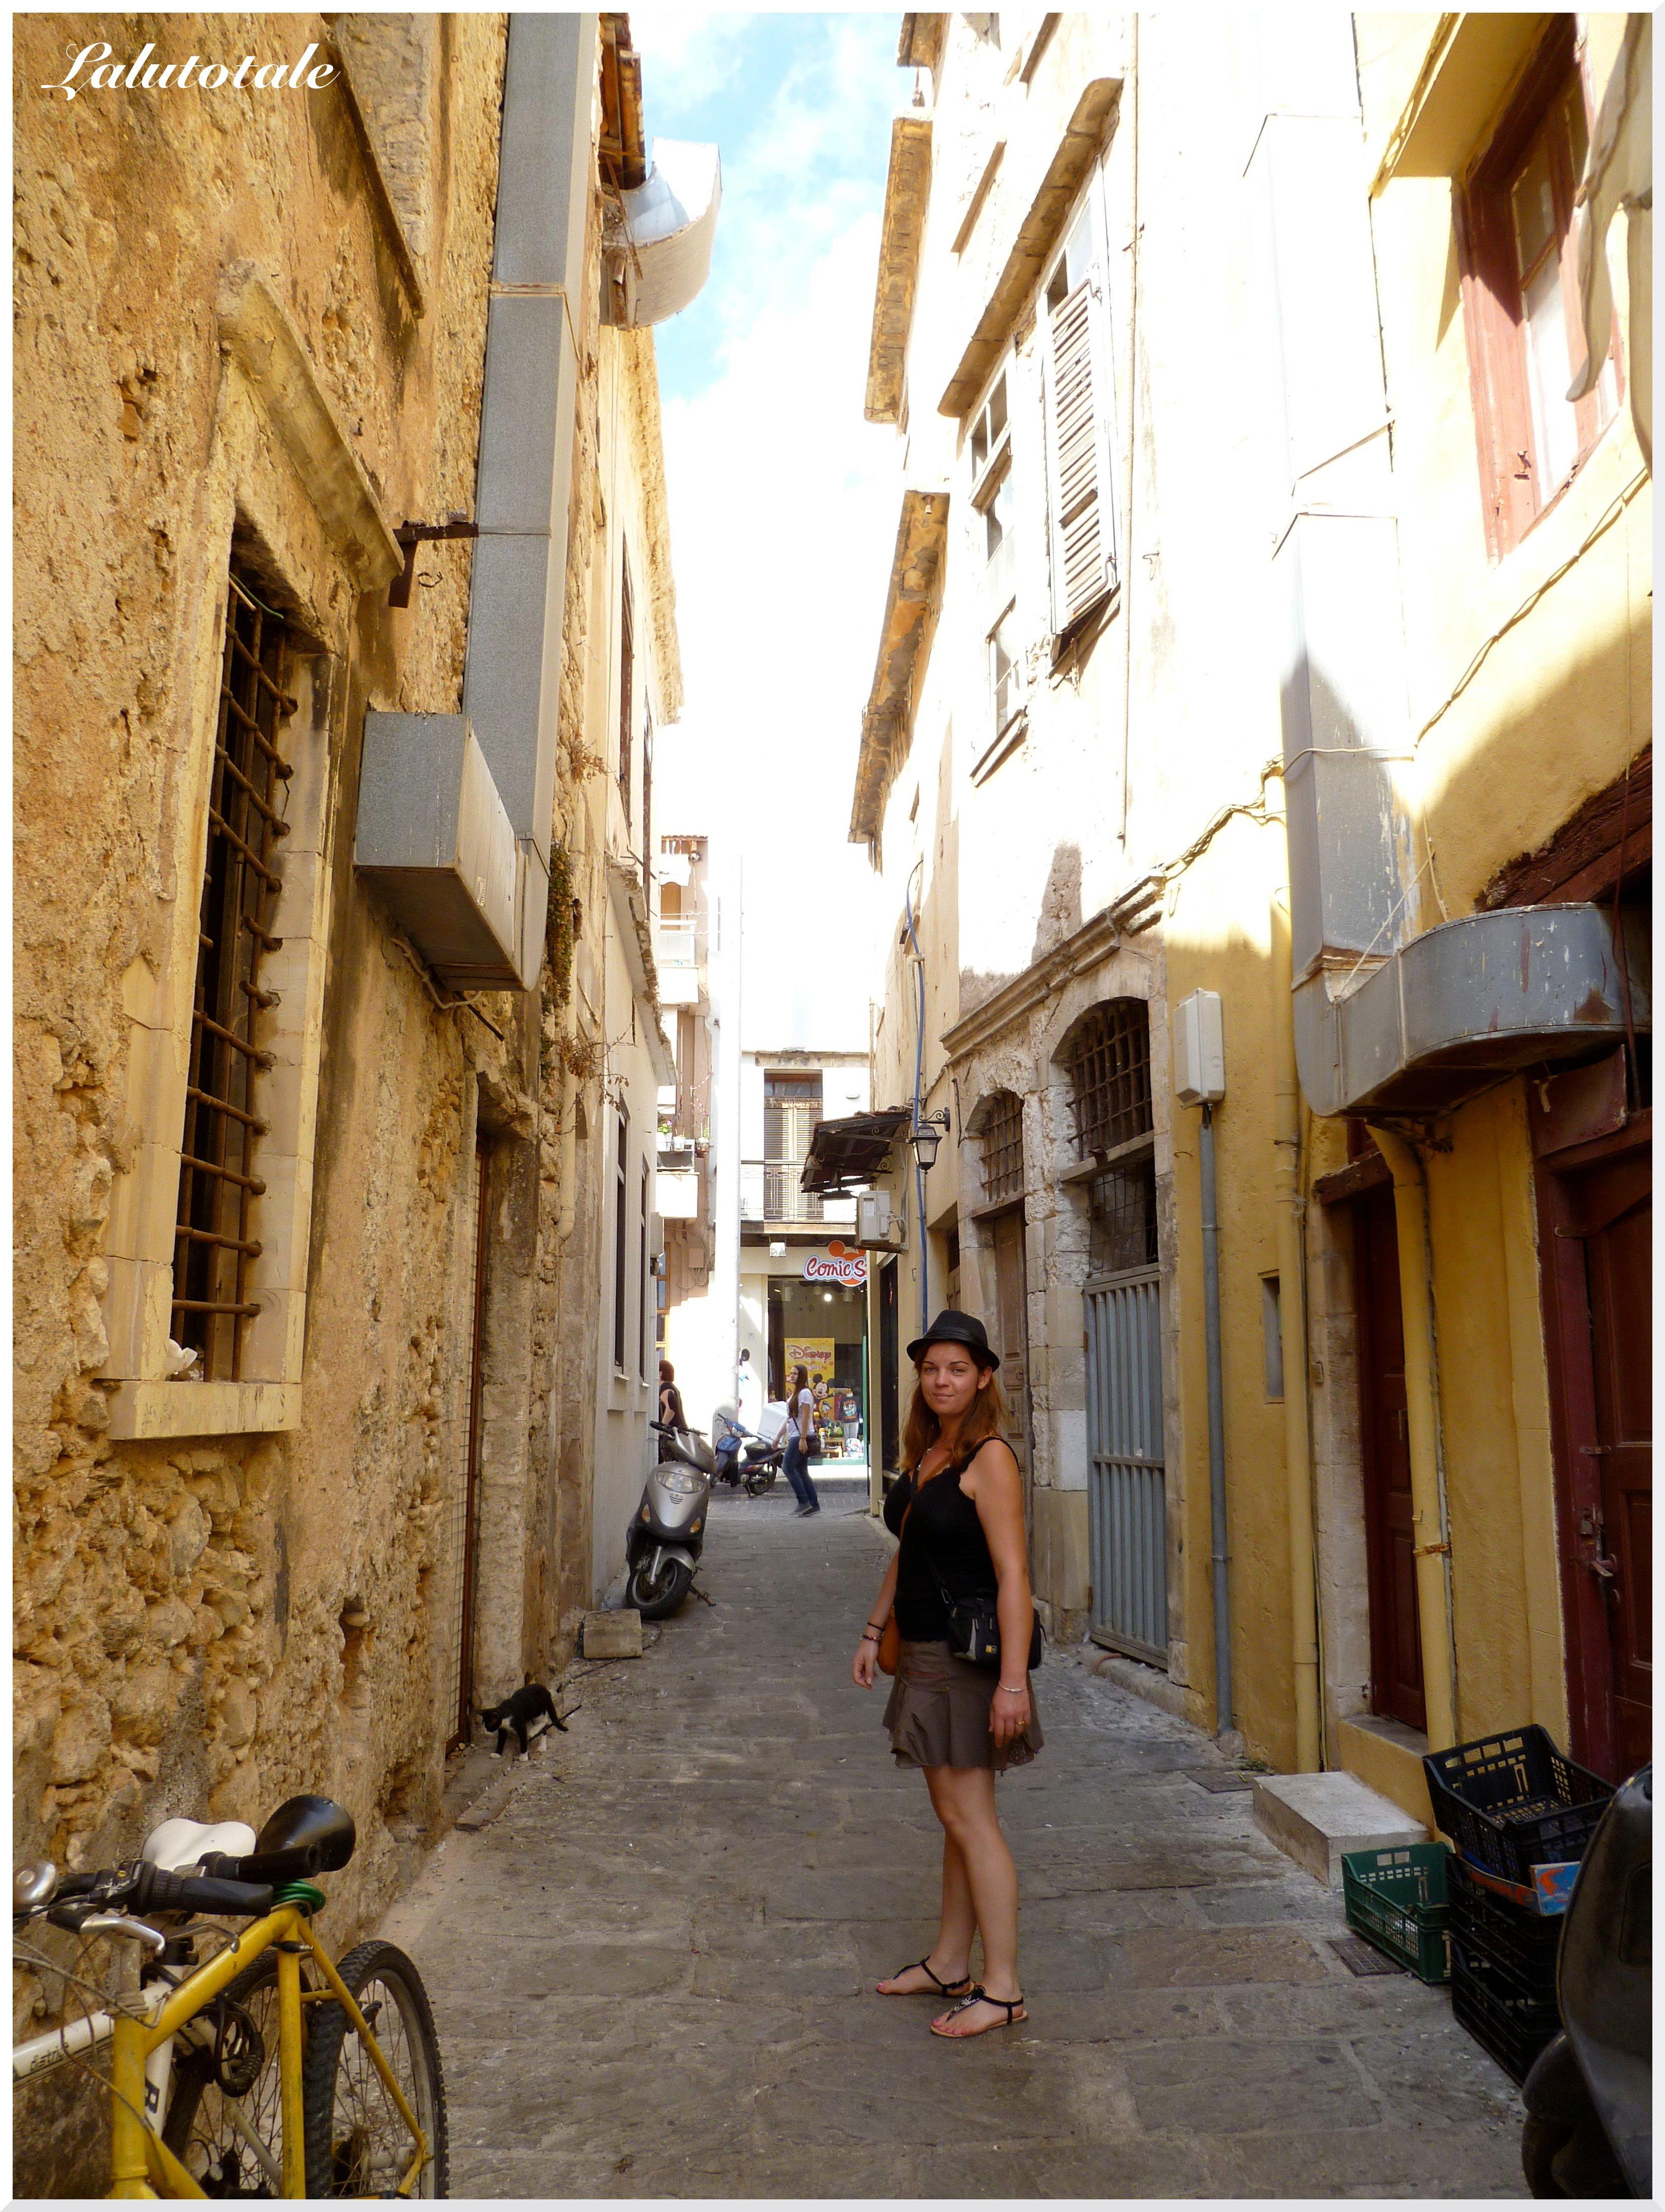 Dans une ruelle déserte, en quête de lunettes et chaussures ^^